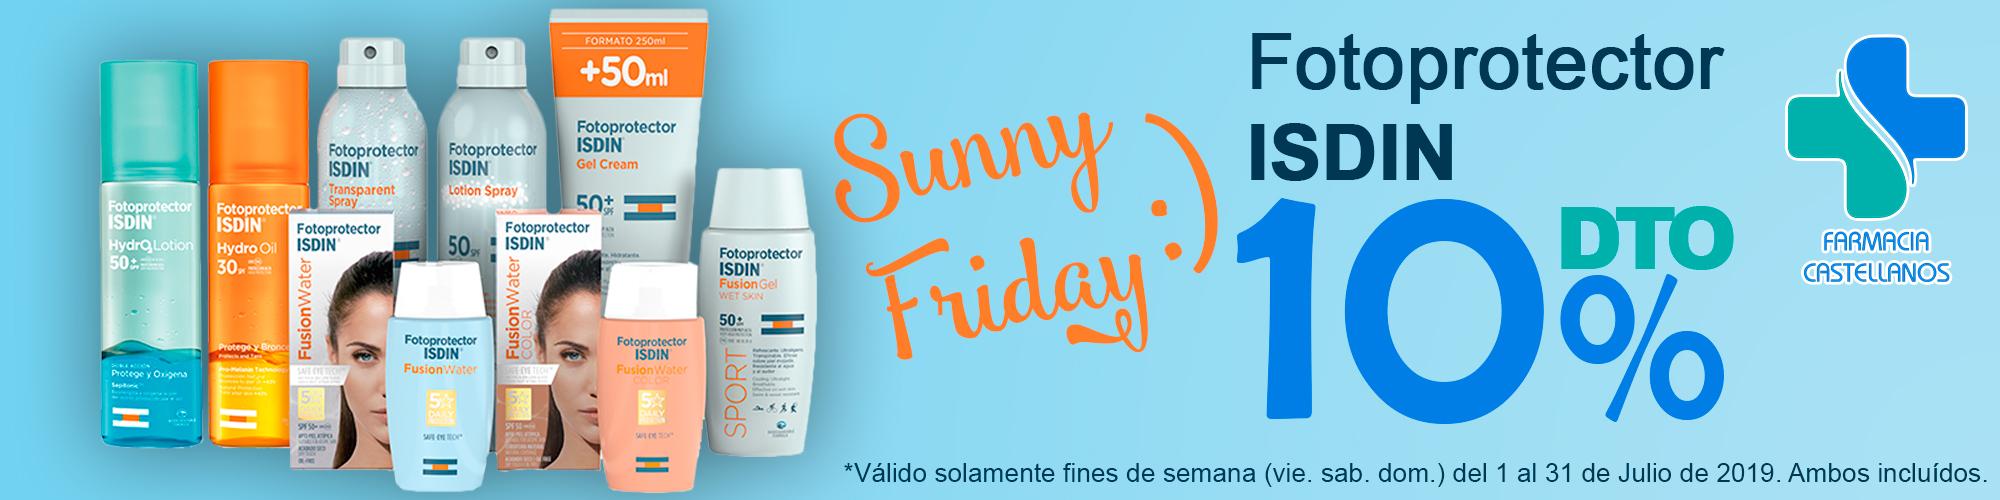 fotoprotector-isdin-sunny-friday-farmaciabeatrizcastellanos